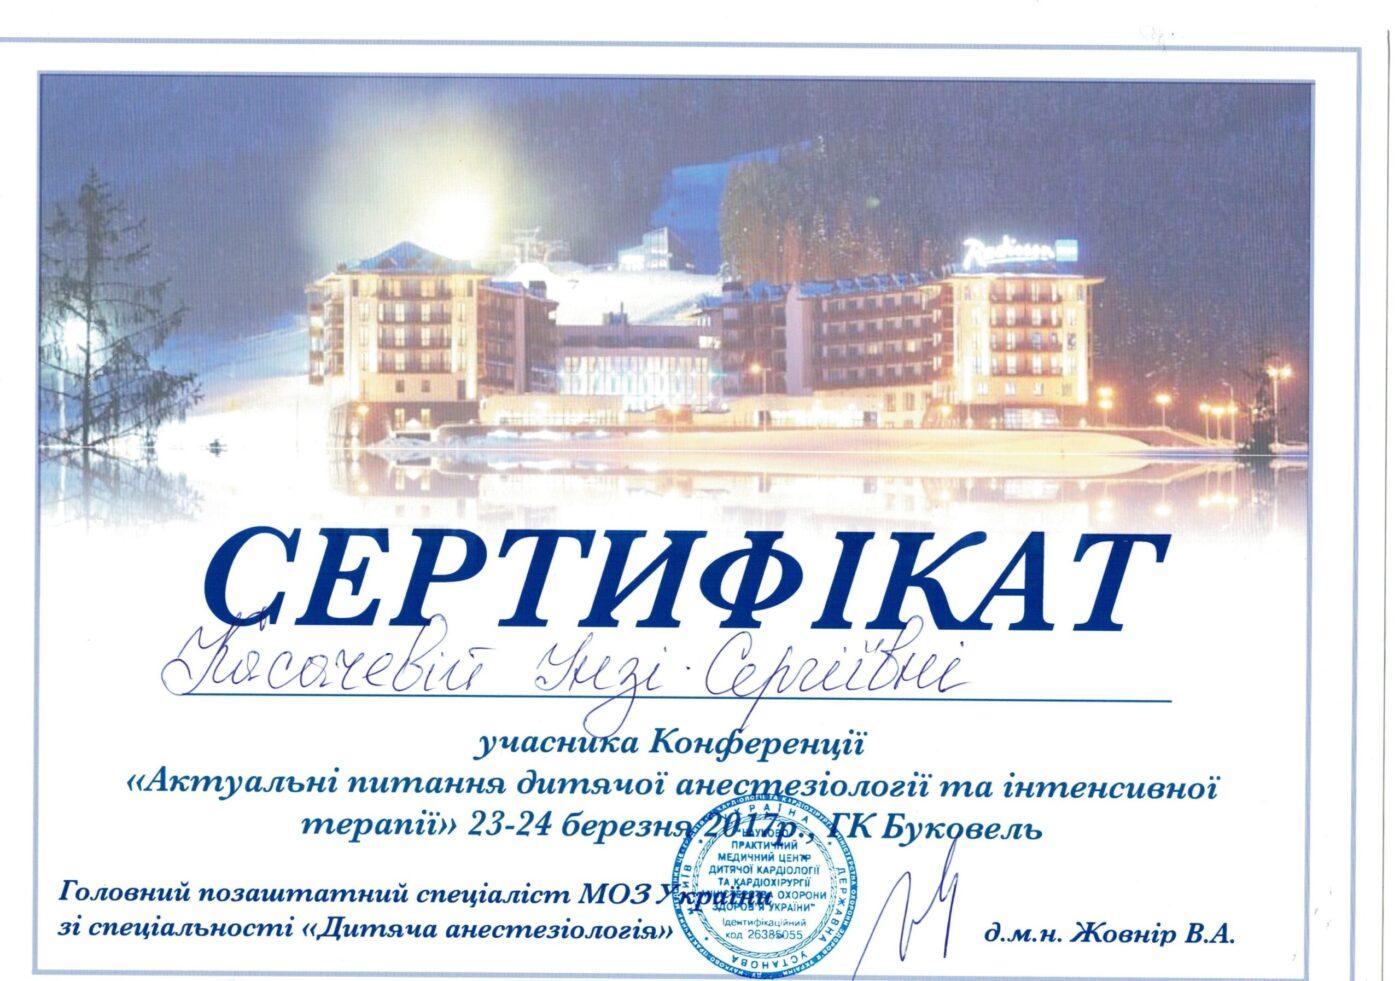 Сертифікат дитячого лікаря анестезіолога  Косачевой Инги Сергеевны об участі у конференции (Актуальні питання дитячої анестезіології та терапії)